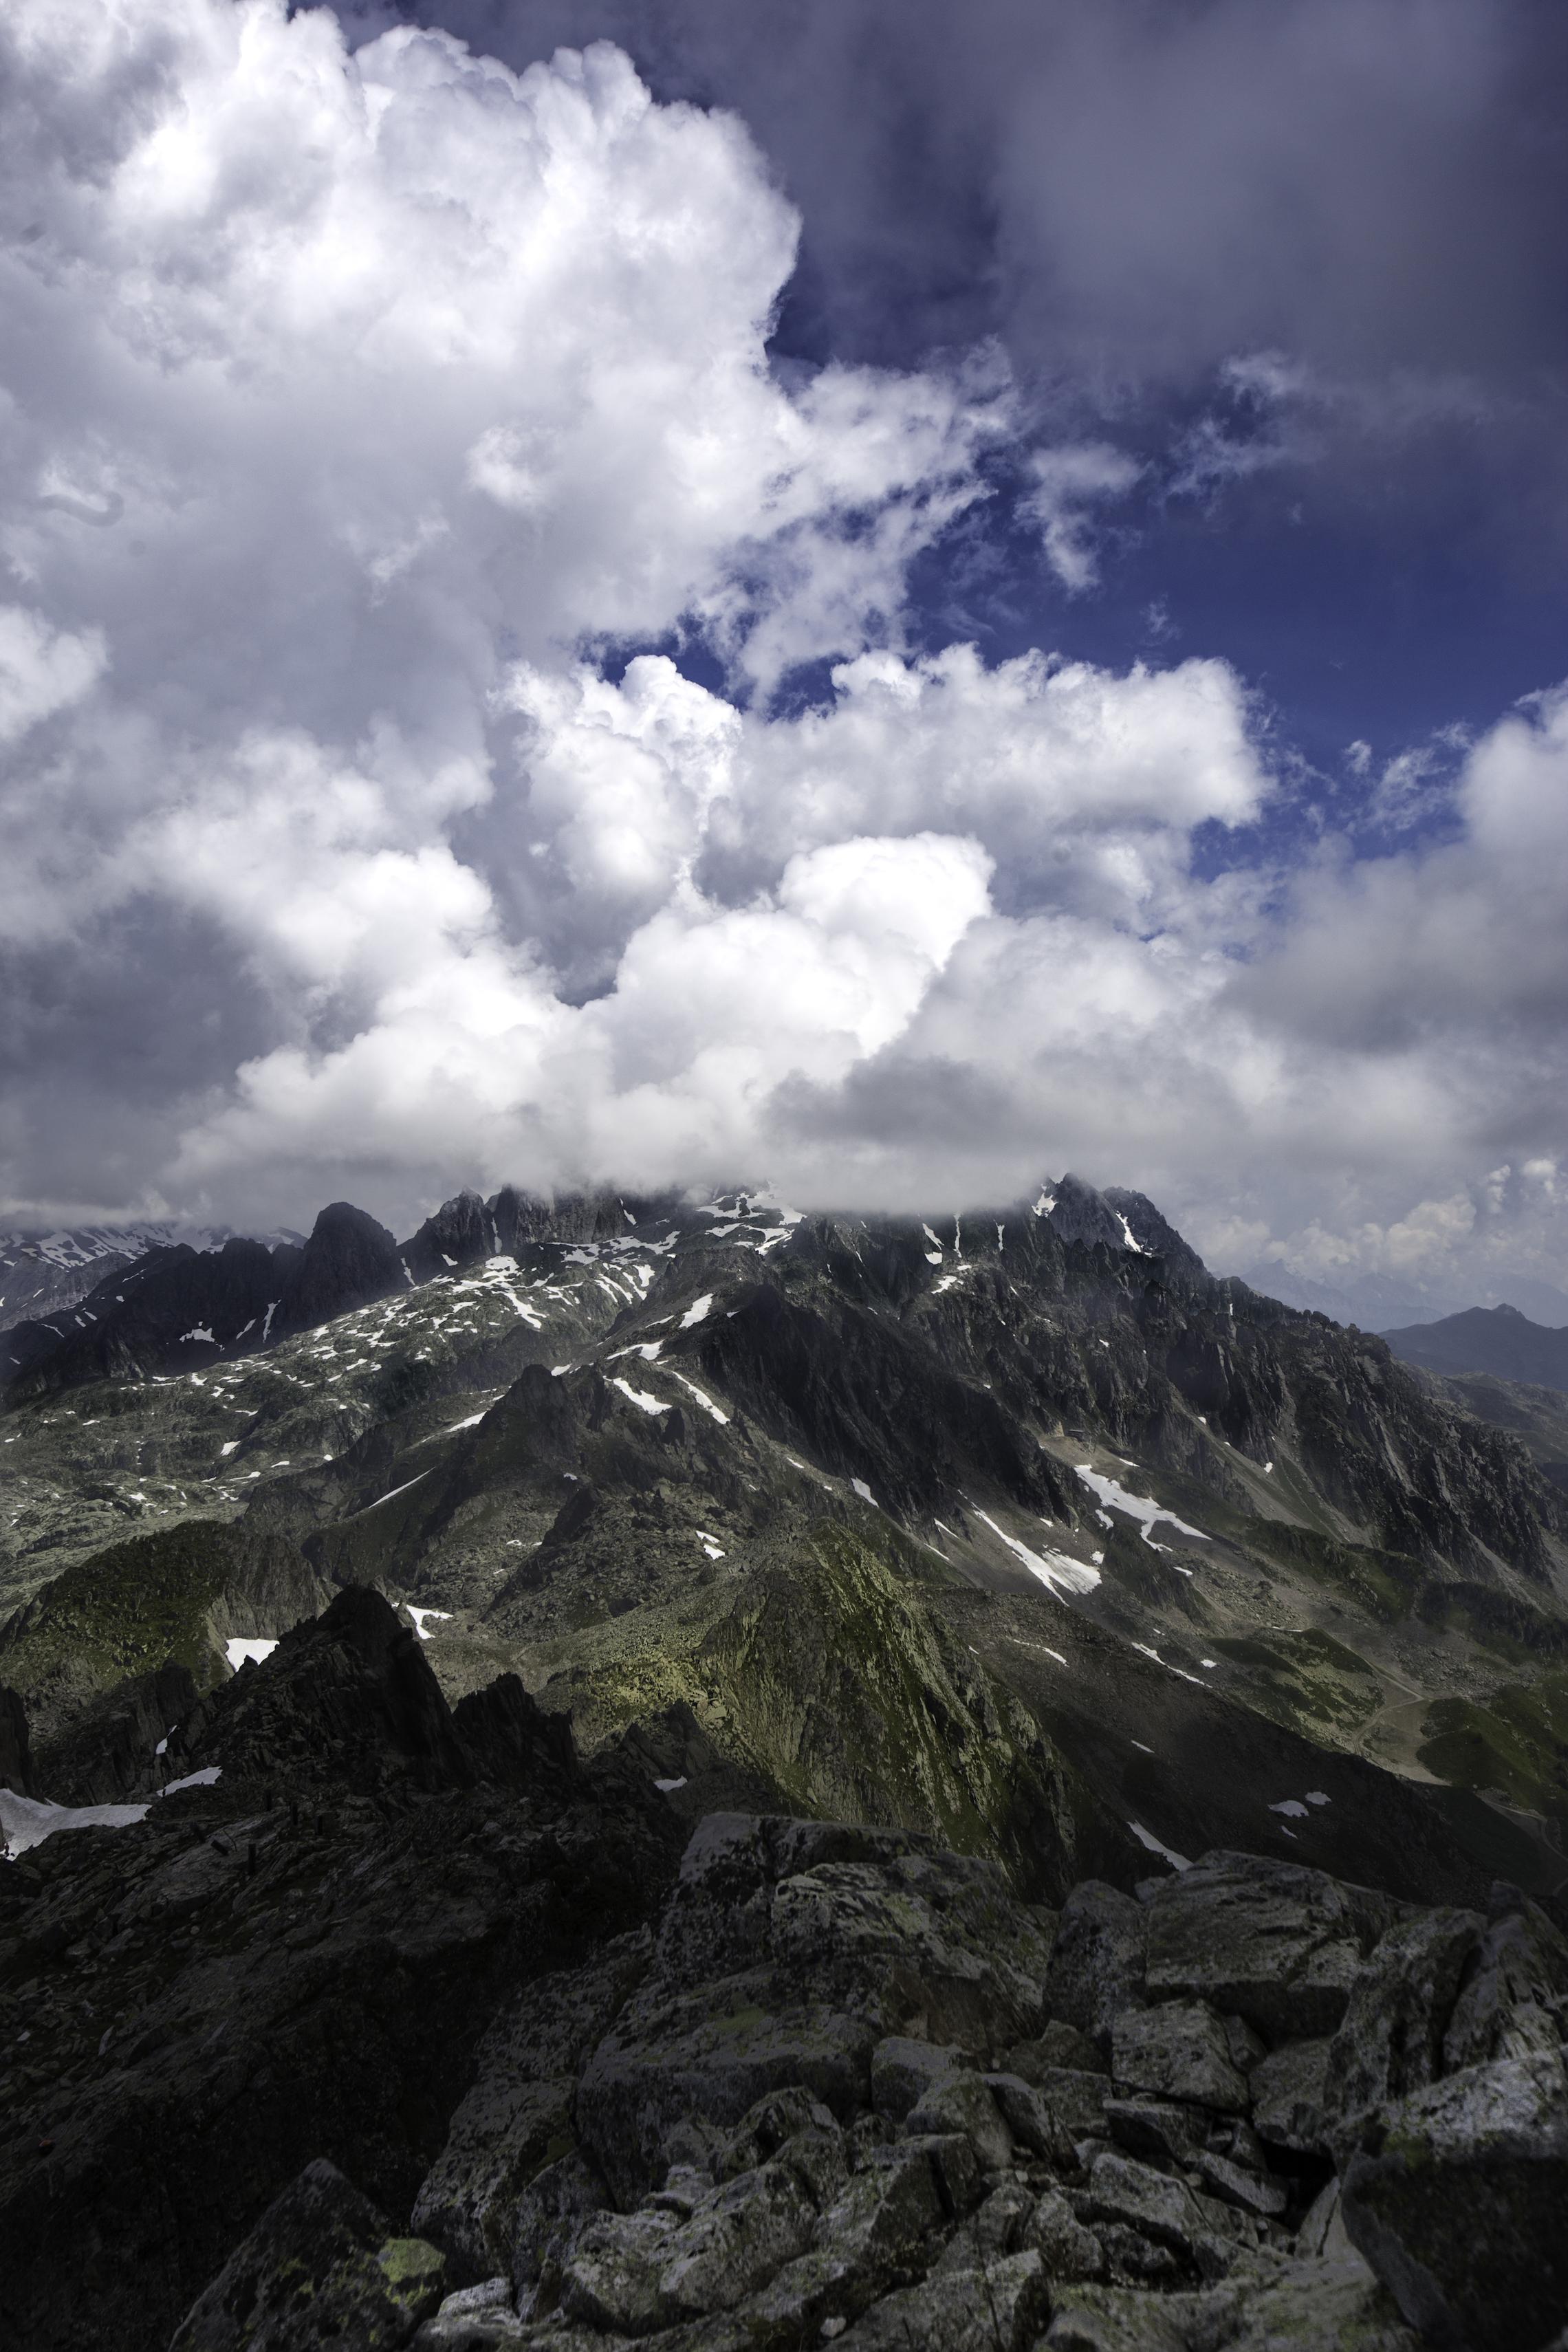 crete des vergys under clouds.jpg